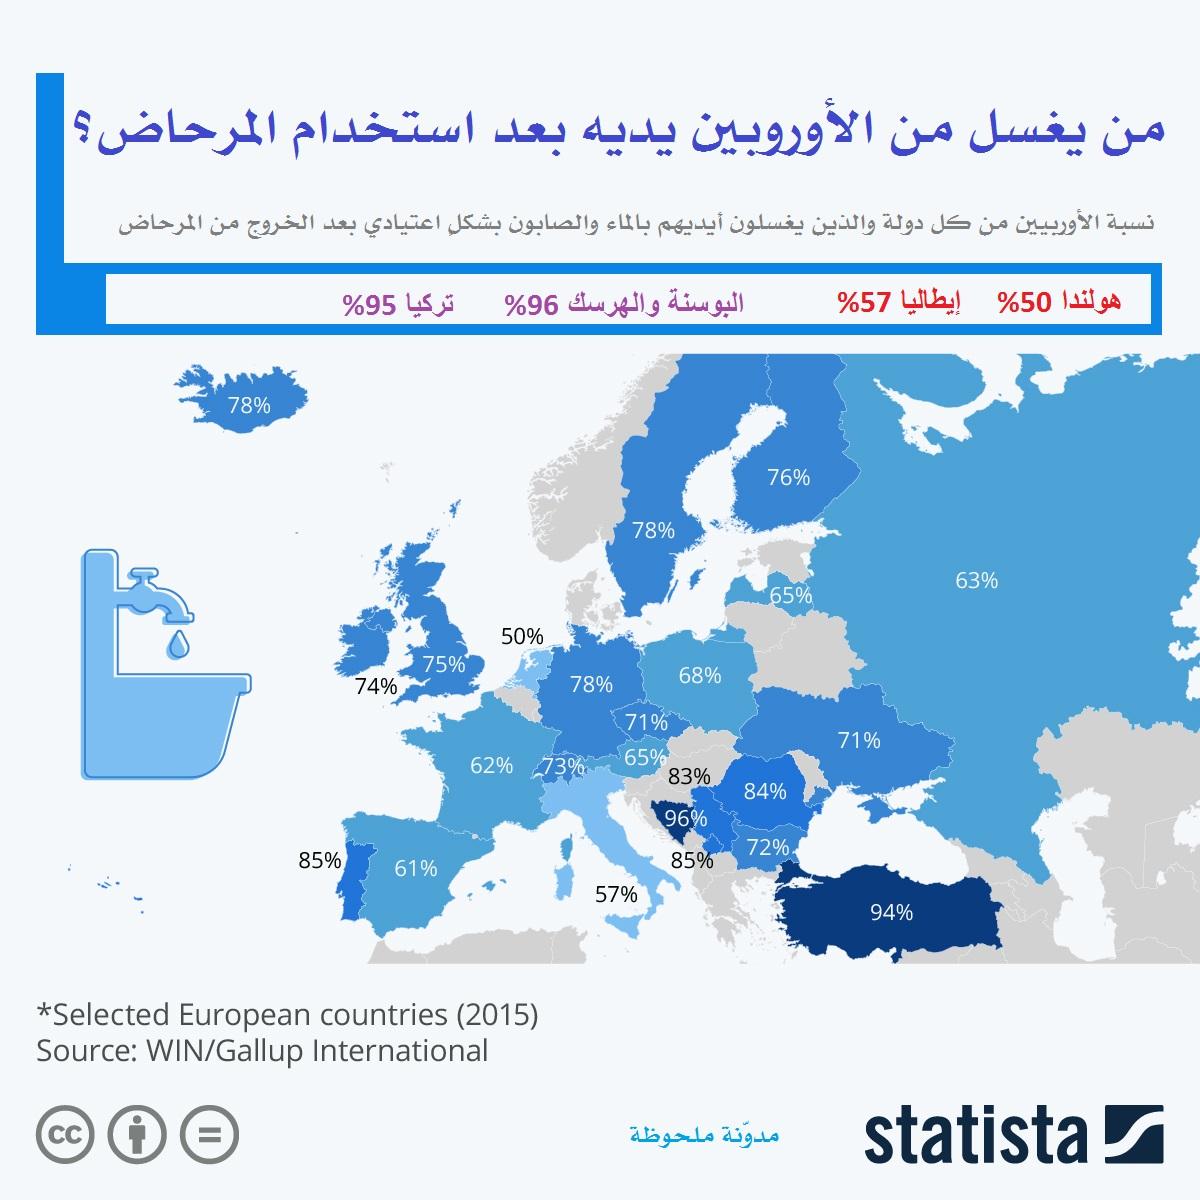 هل يغسل الأوروبيون أيديهم بعد استخدام المرحاض؟